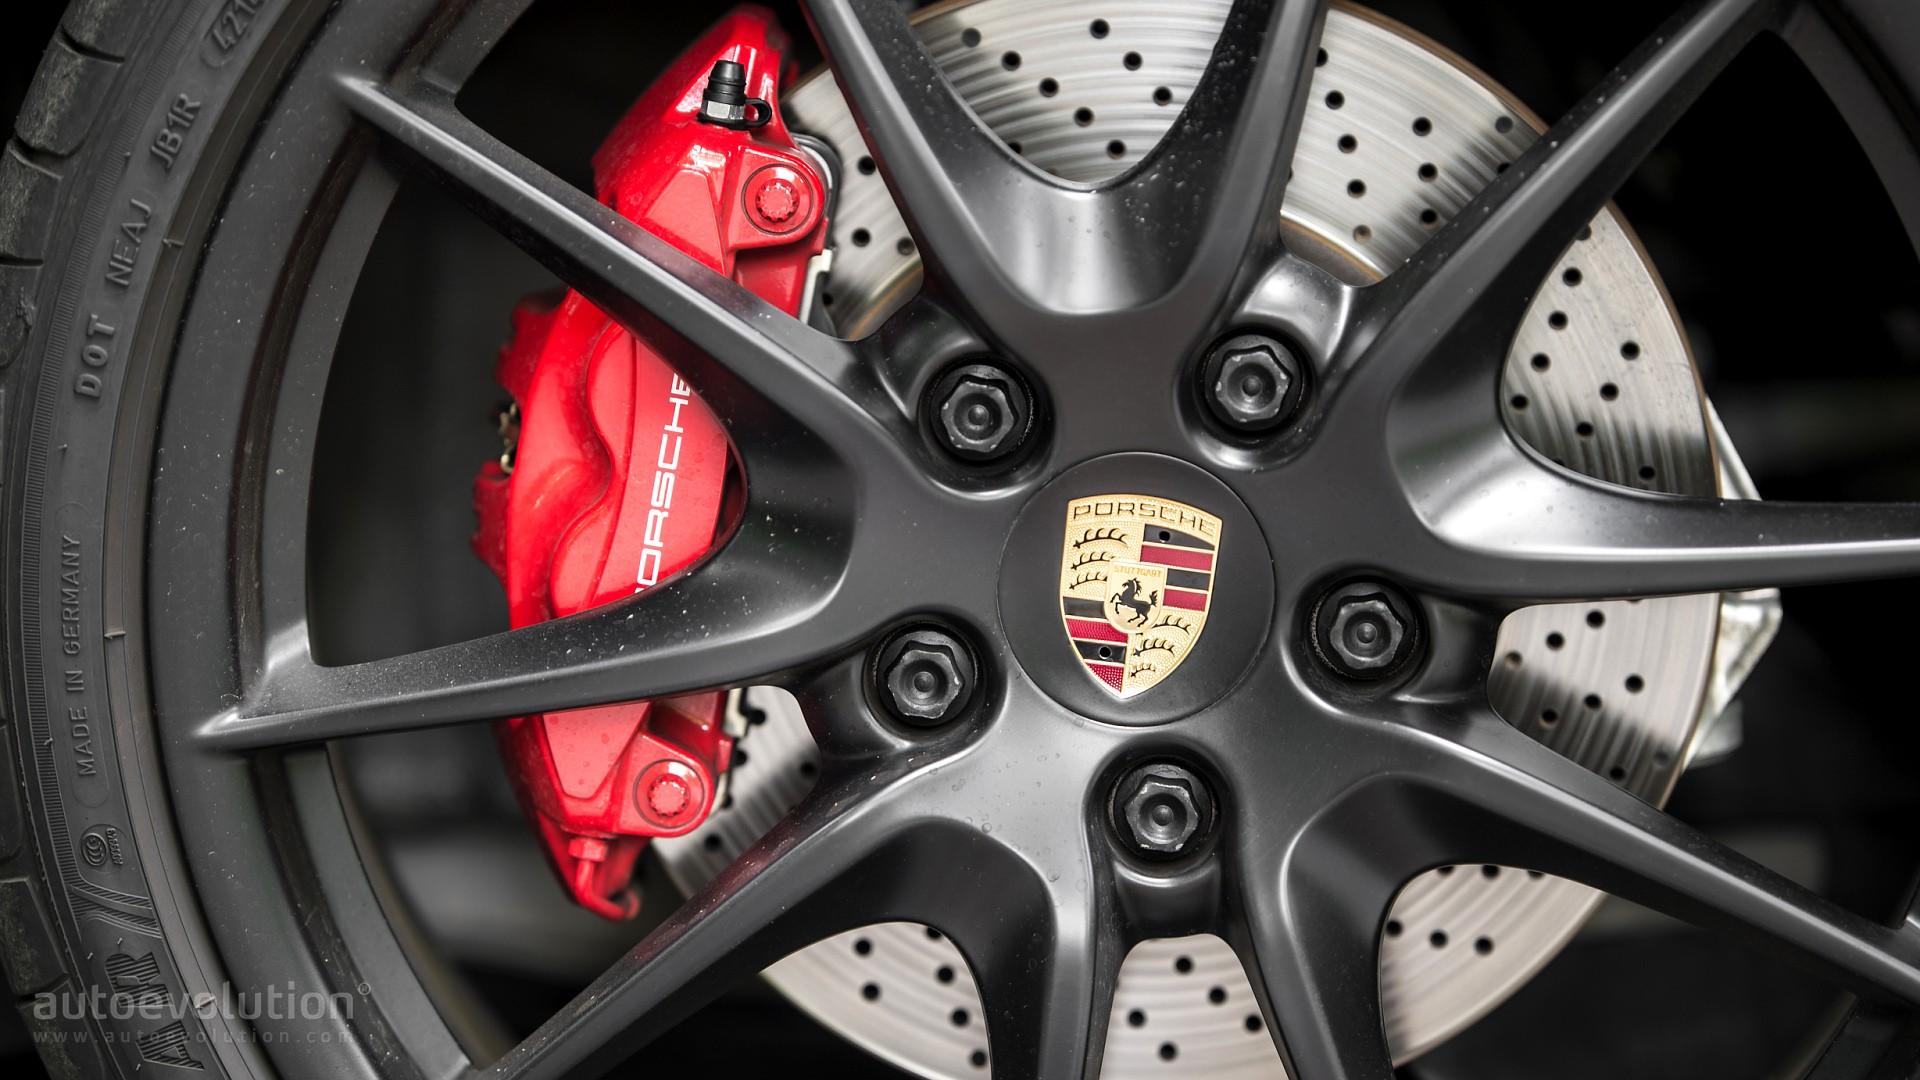 2015 porsche cayman gts review autoevolution - Porsche Cayman Gts